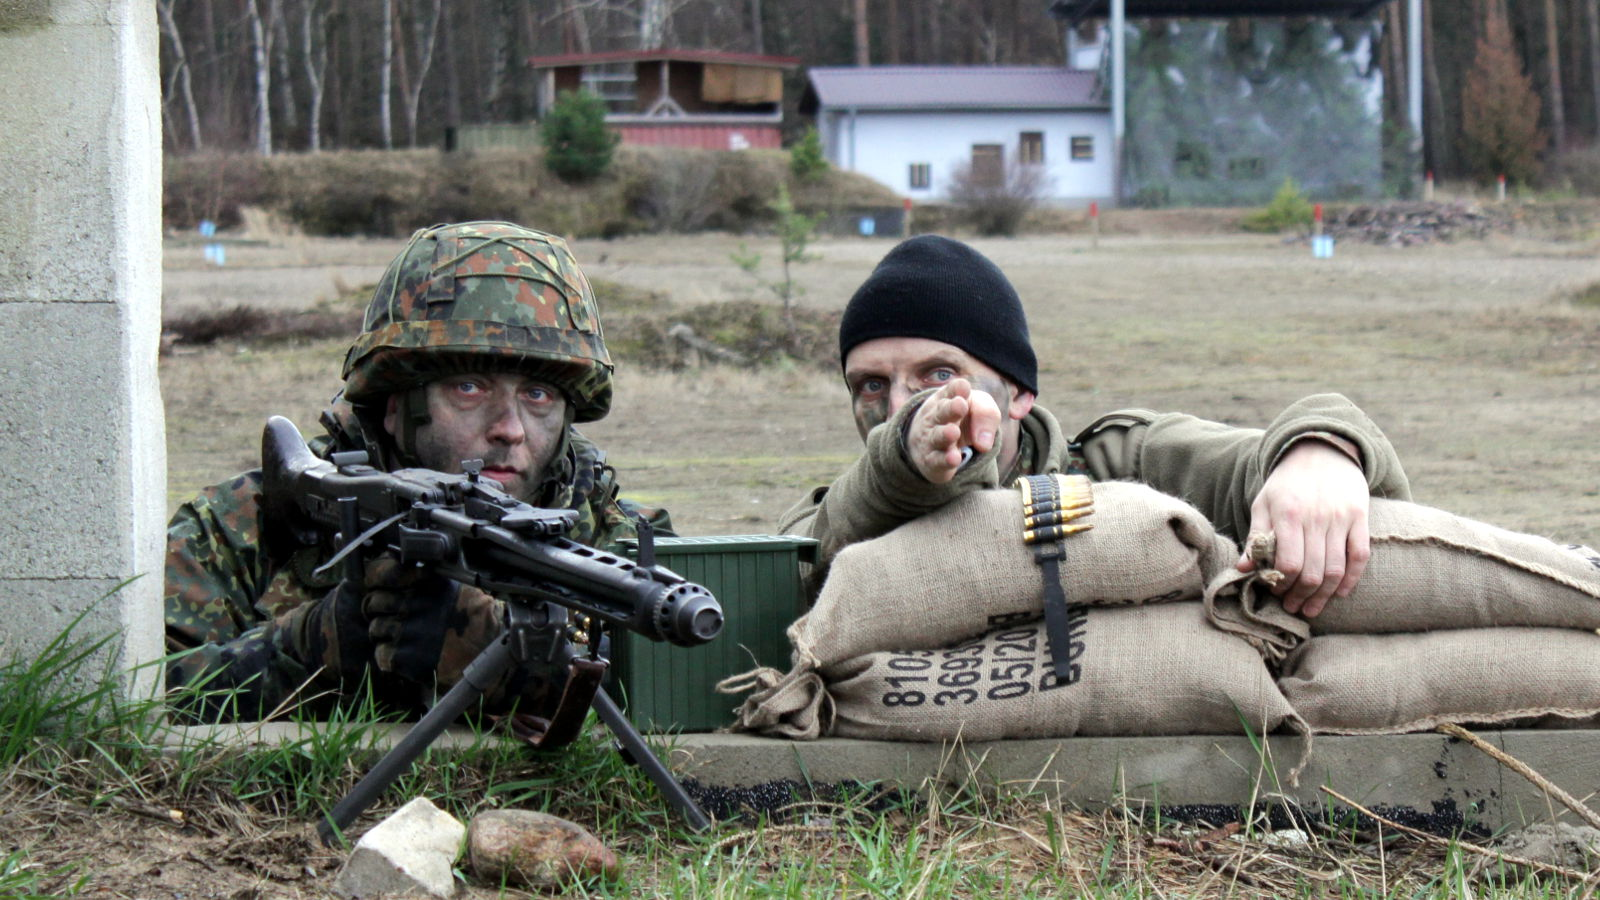 Maschinengewehr in Stellung